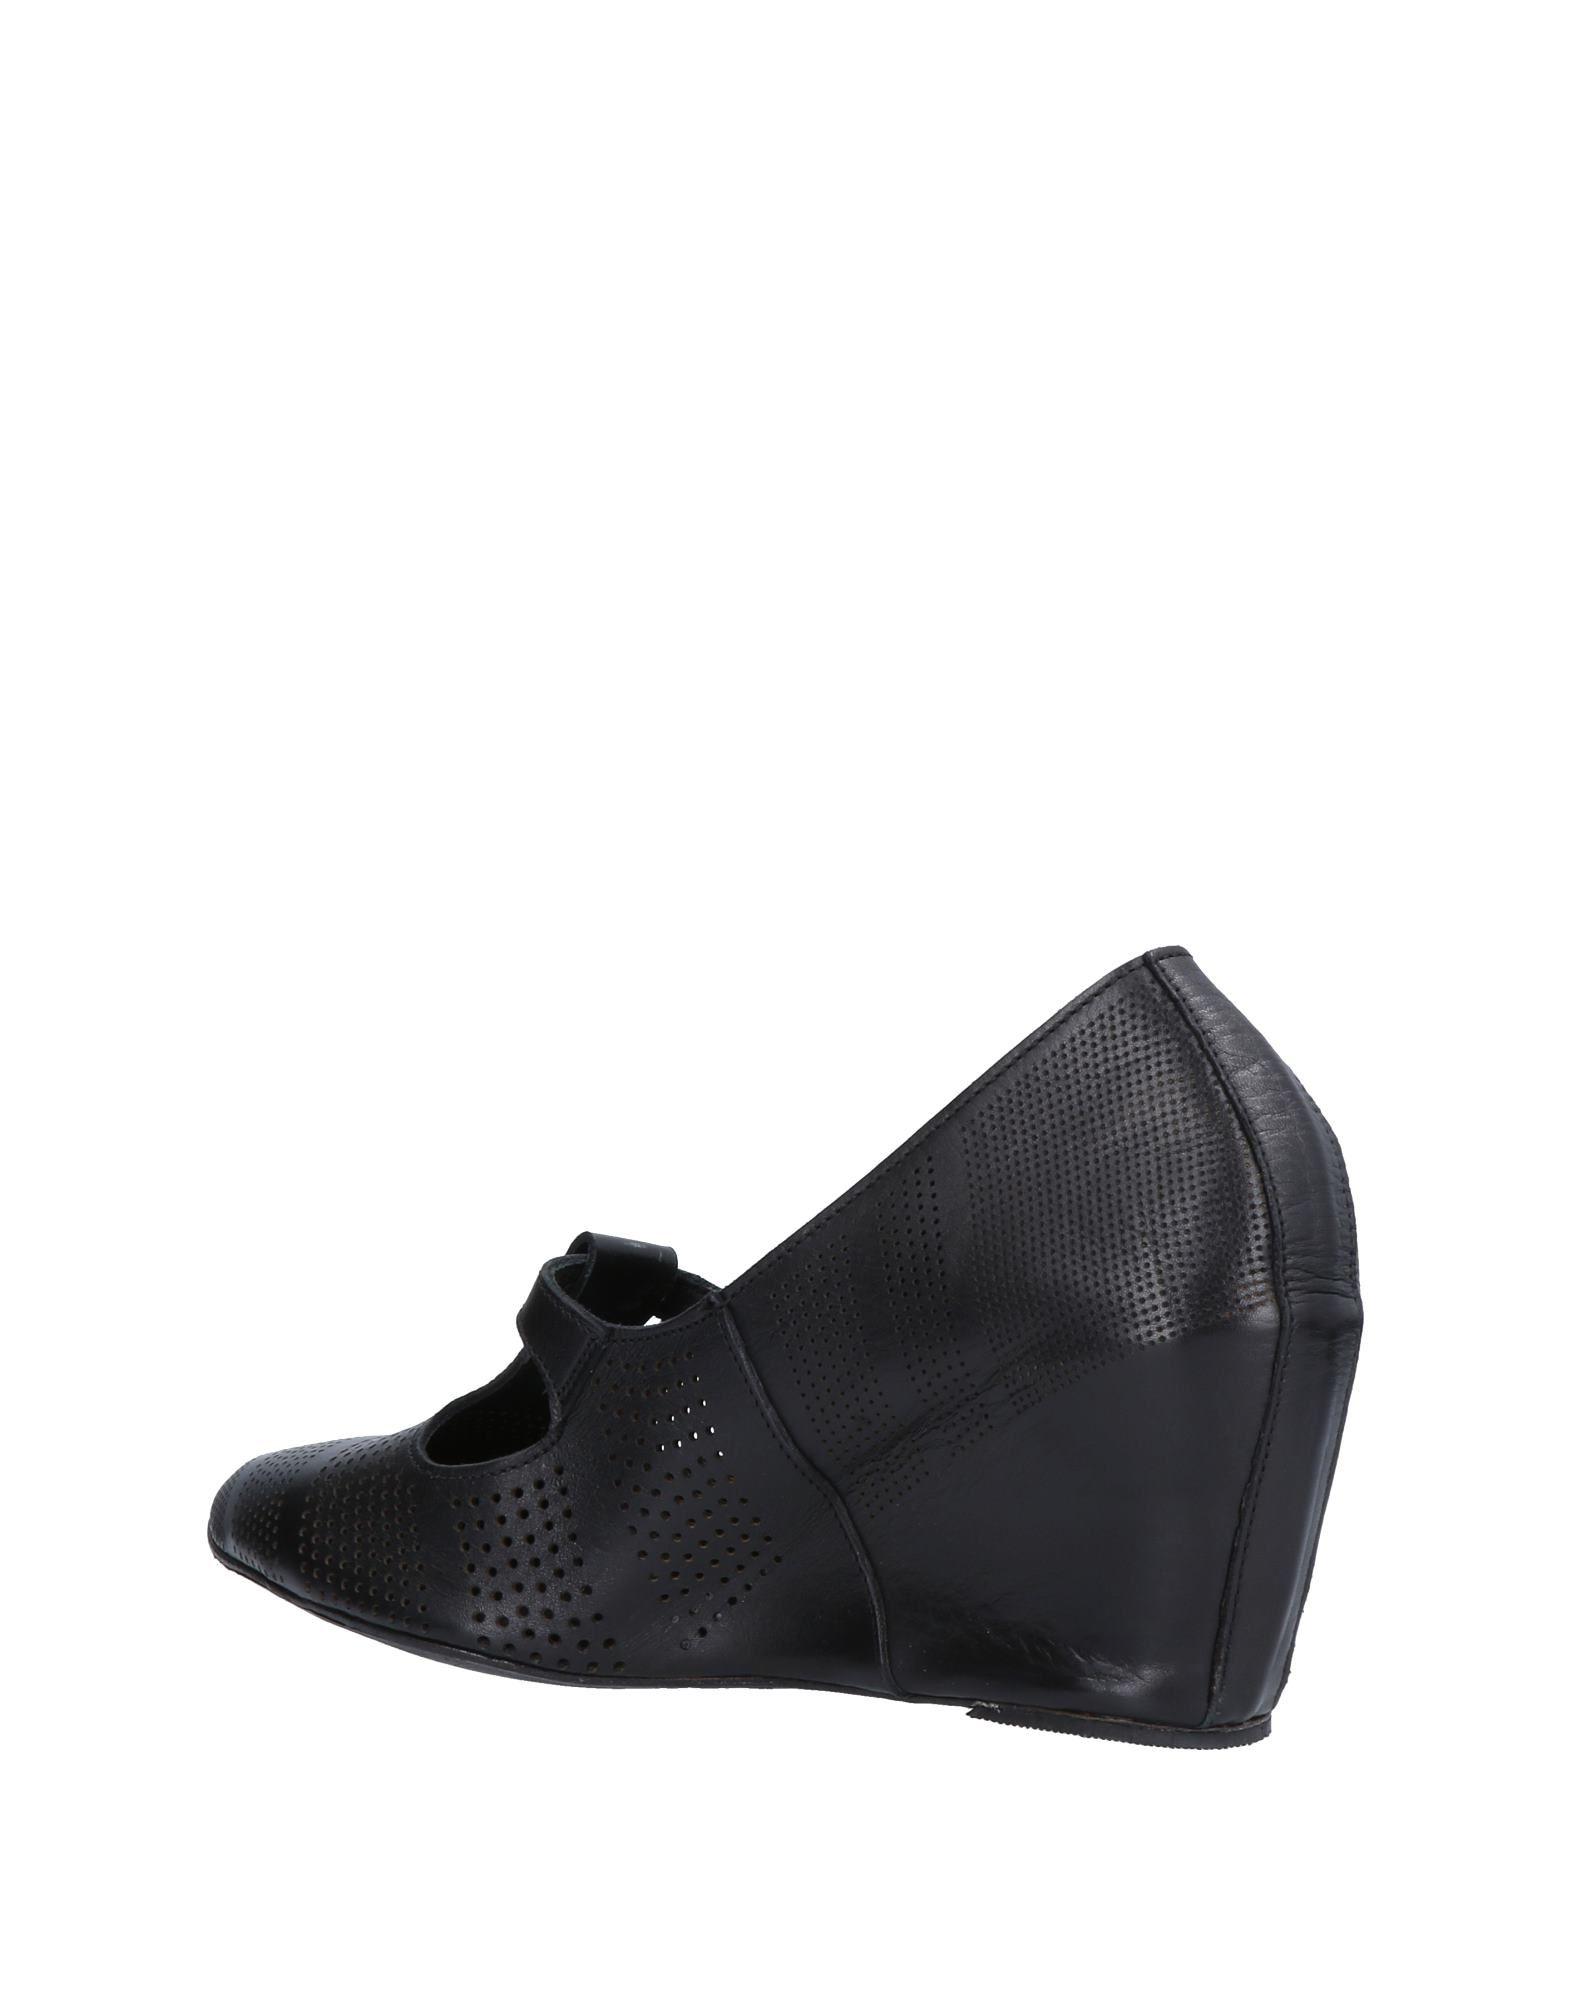 Kudetà Pumps Damen  Schuhe 11513915LL Gute Qualität beliebte Schuhe  af9b01